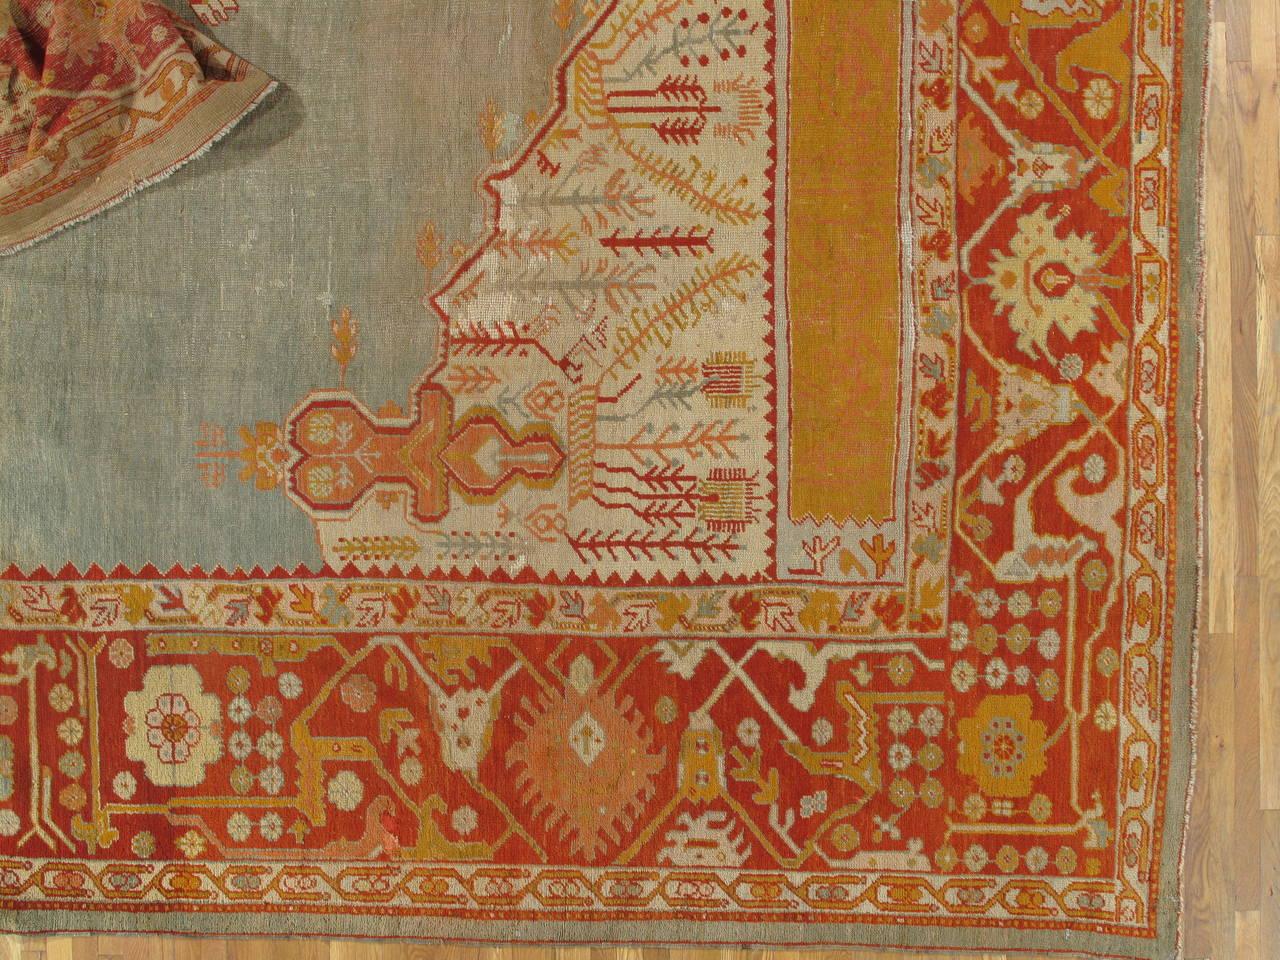 Antiker Handgefertigter Orientalischer Oushak Teppich in Hellgrün, Gelb, Koralle 3